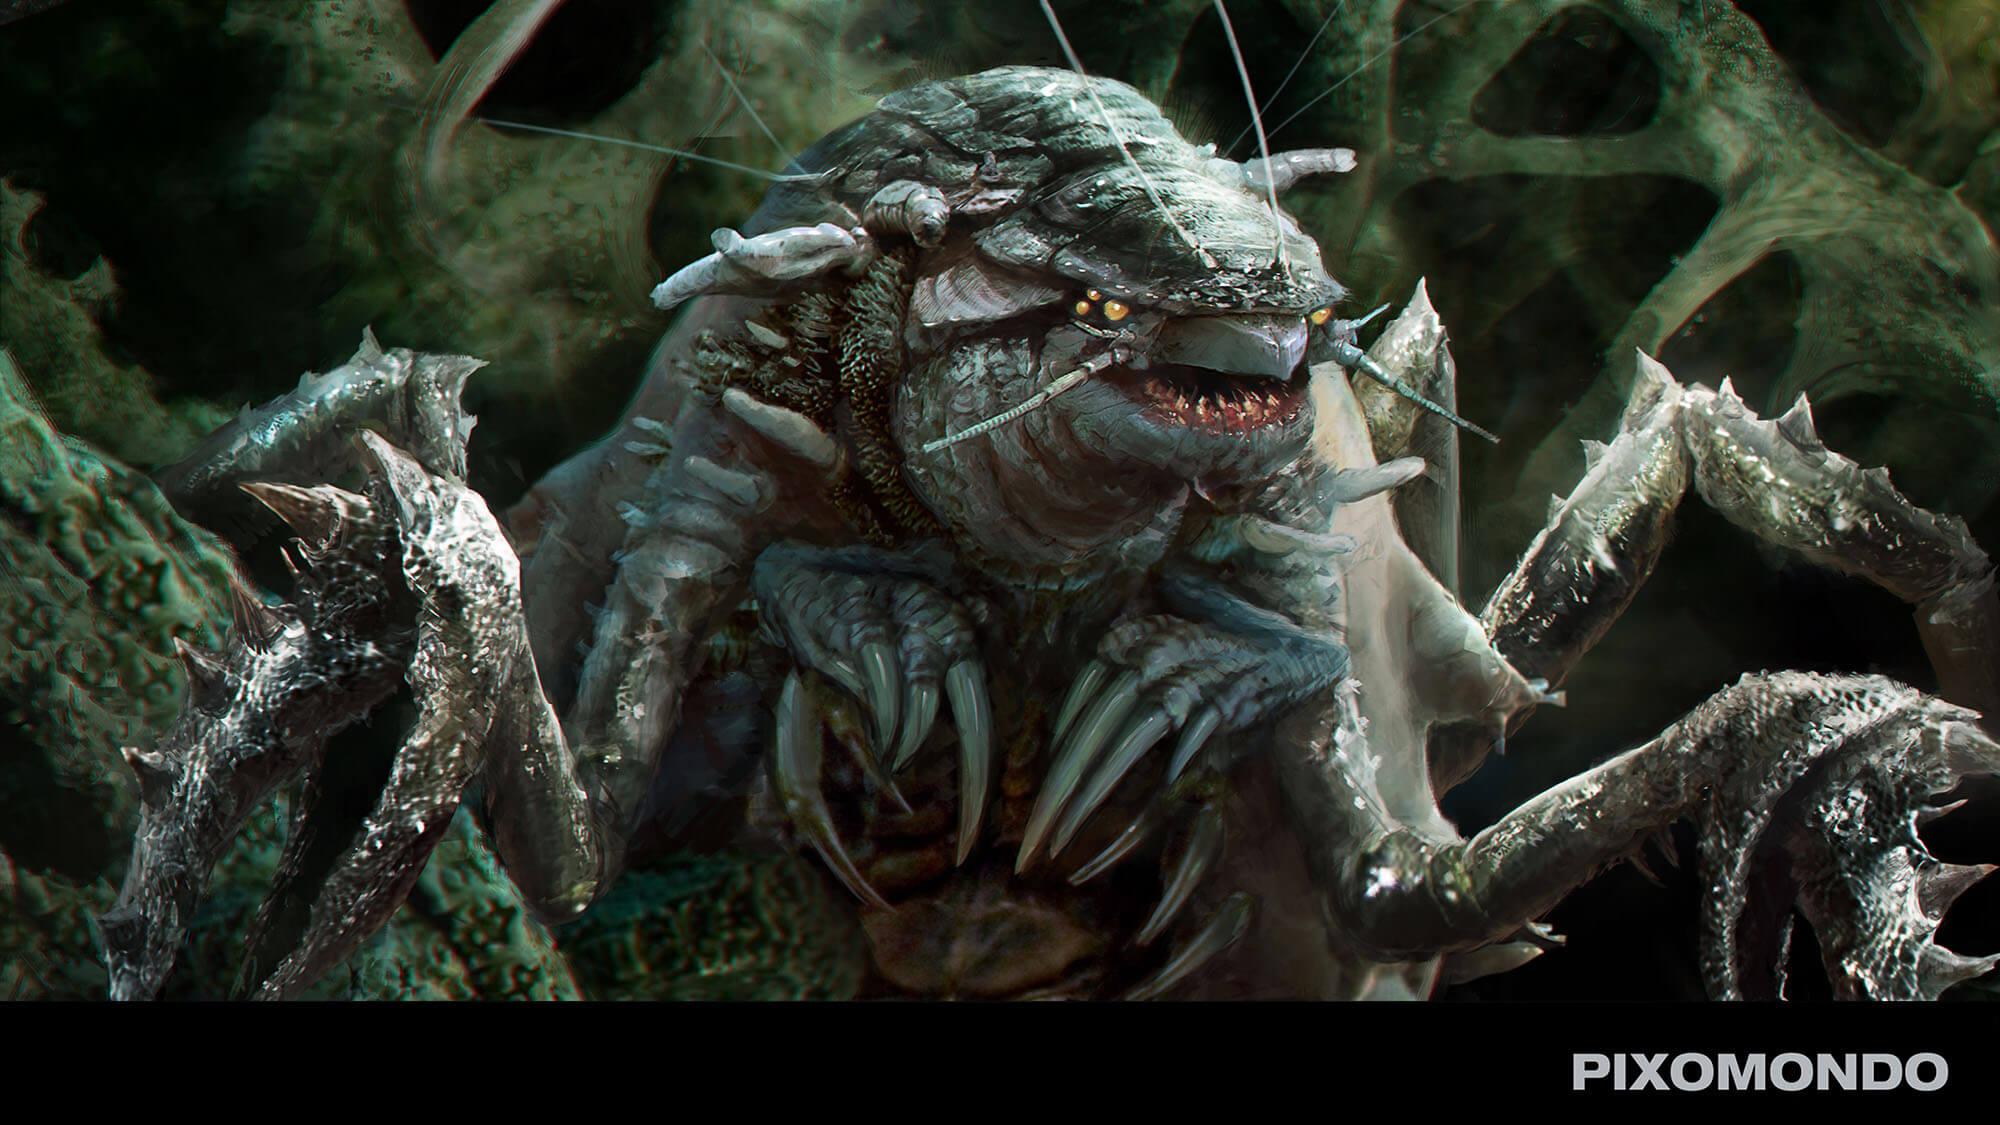 creature-concept-wanda-pixomondo-felix-botho-haas-scavengerMonster-v007